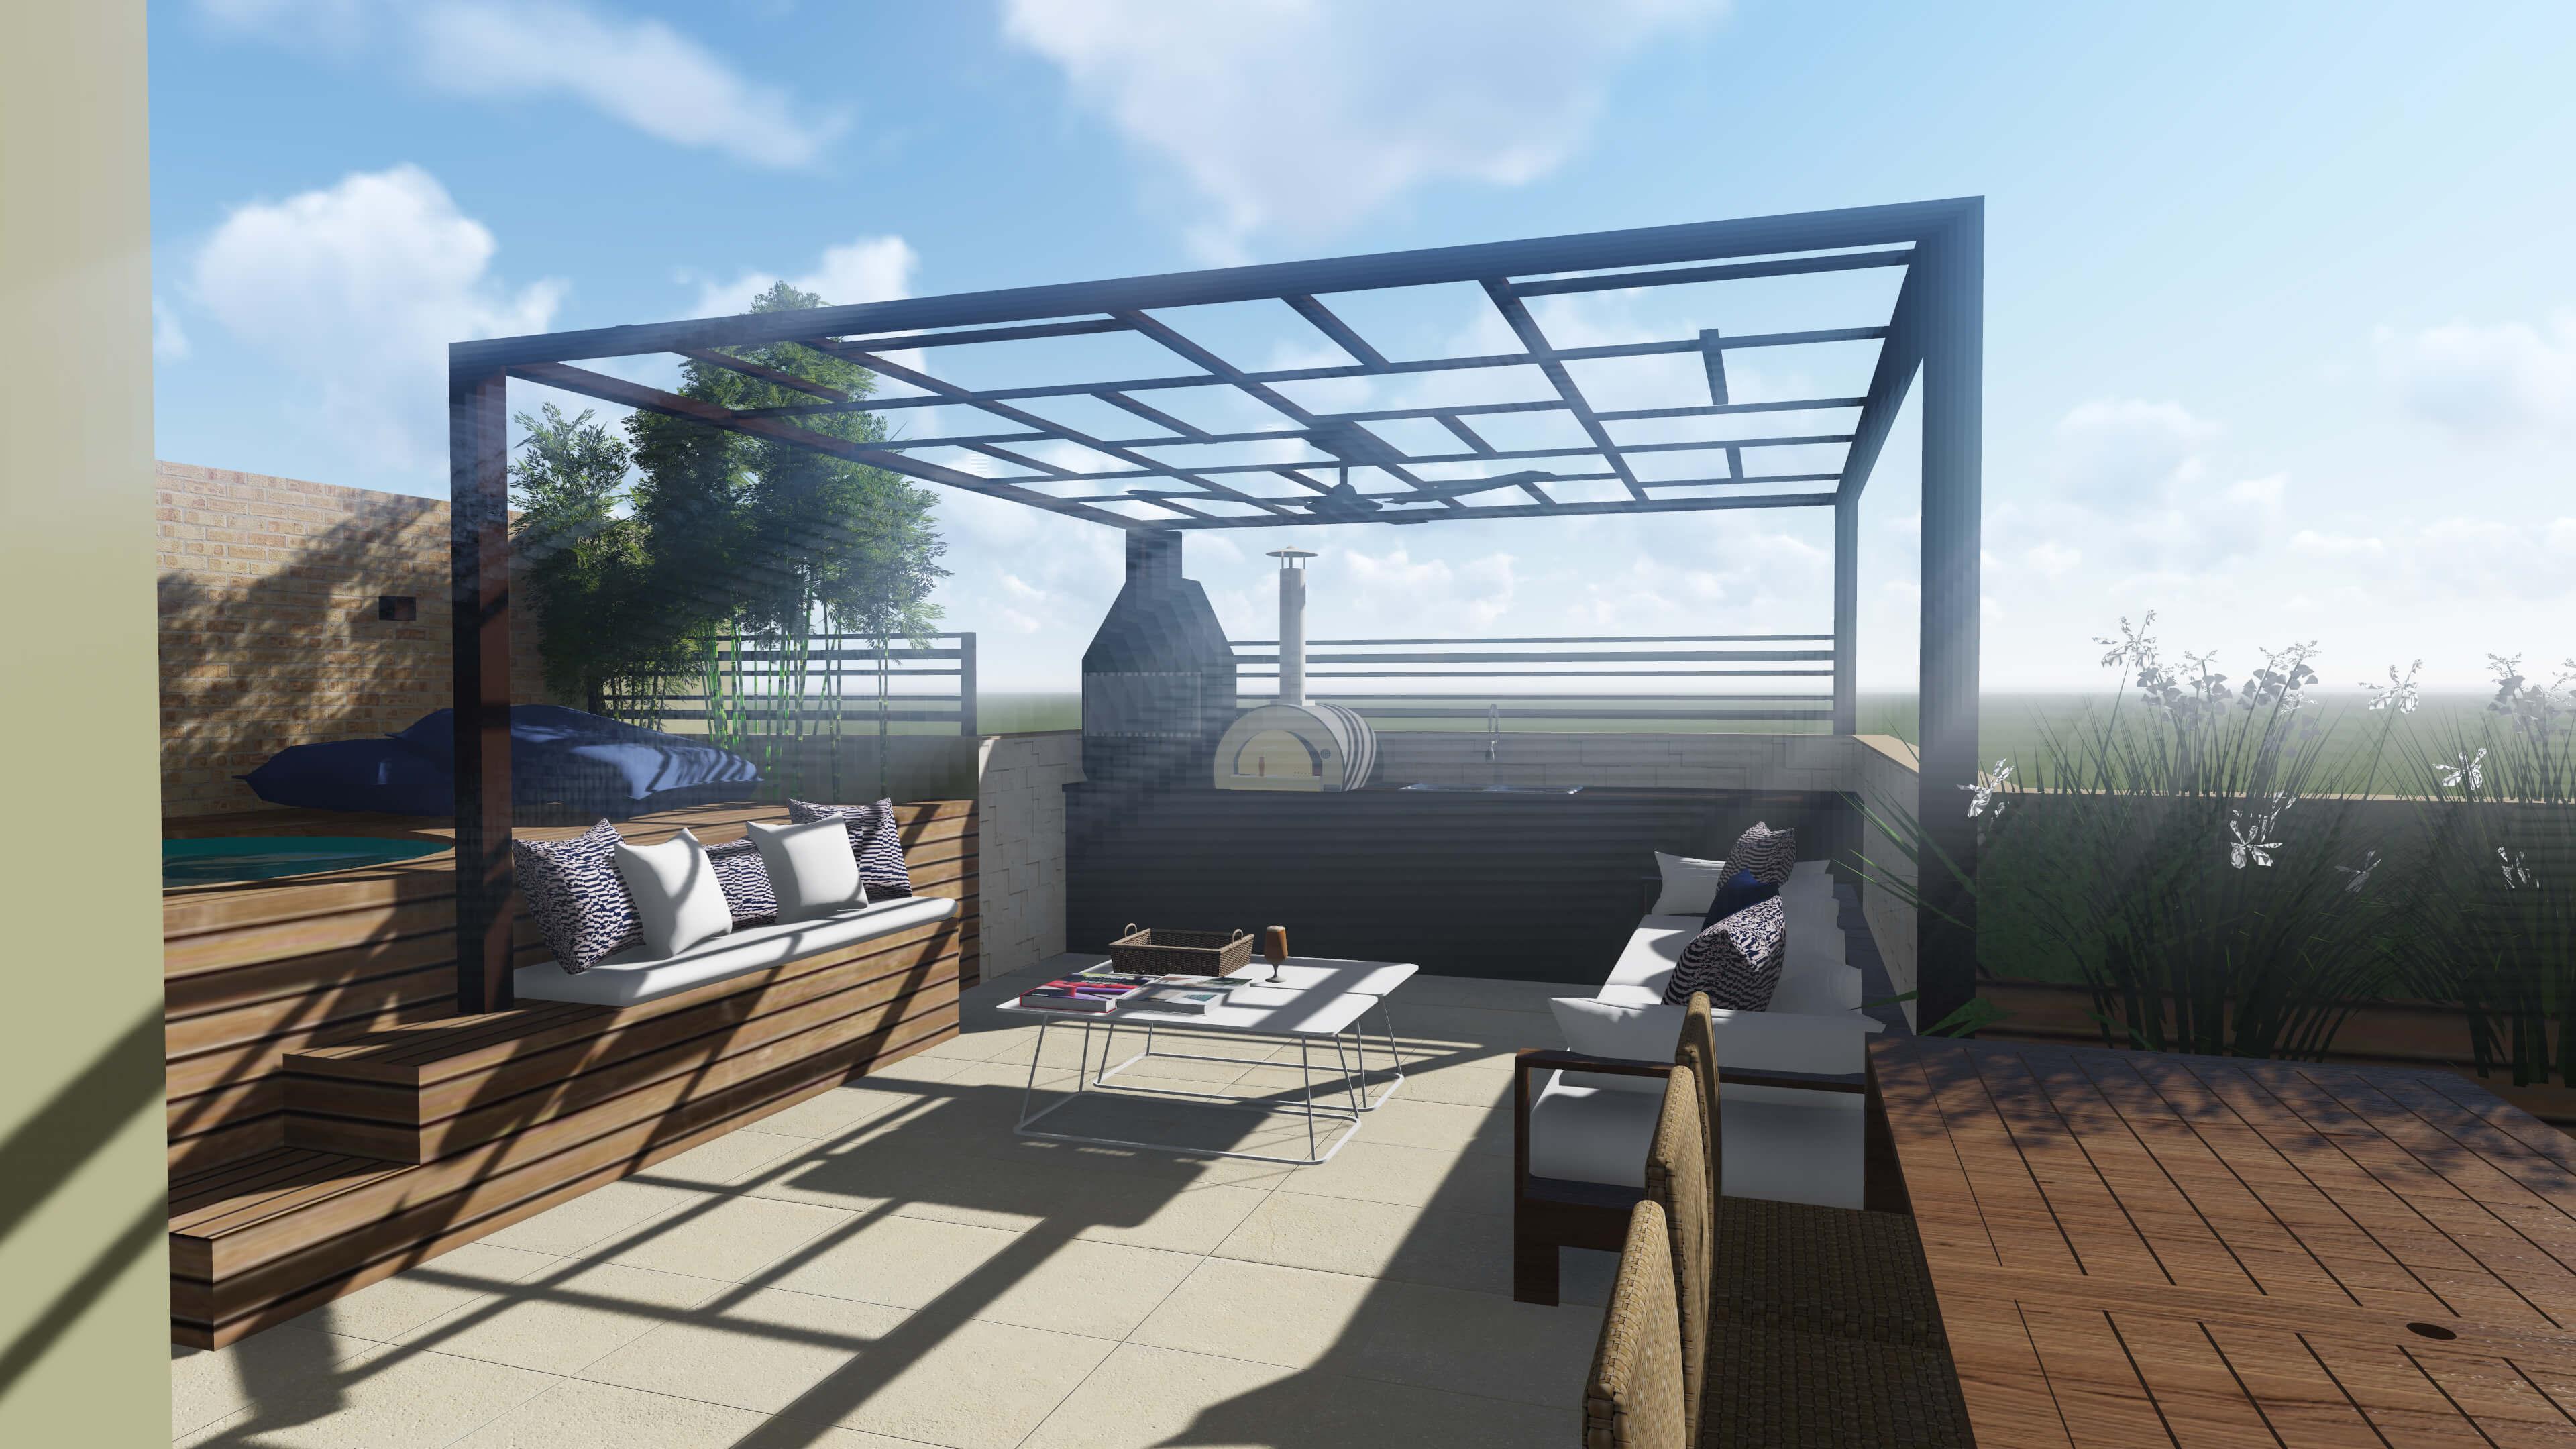 Cobertura sublime max domingos de arquitetura for Cobertura piscina